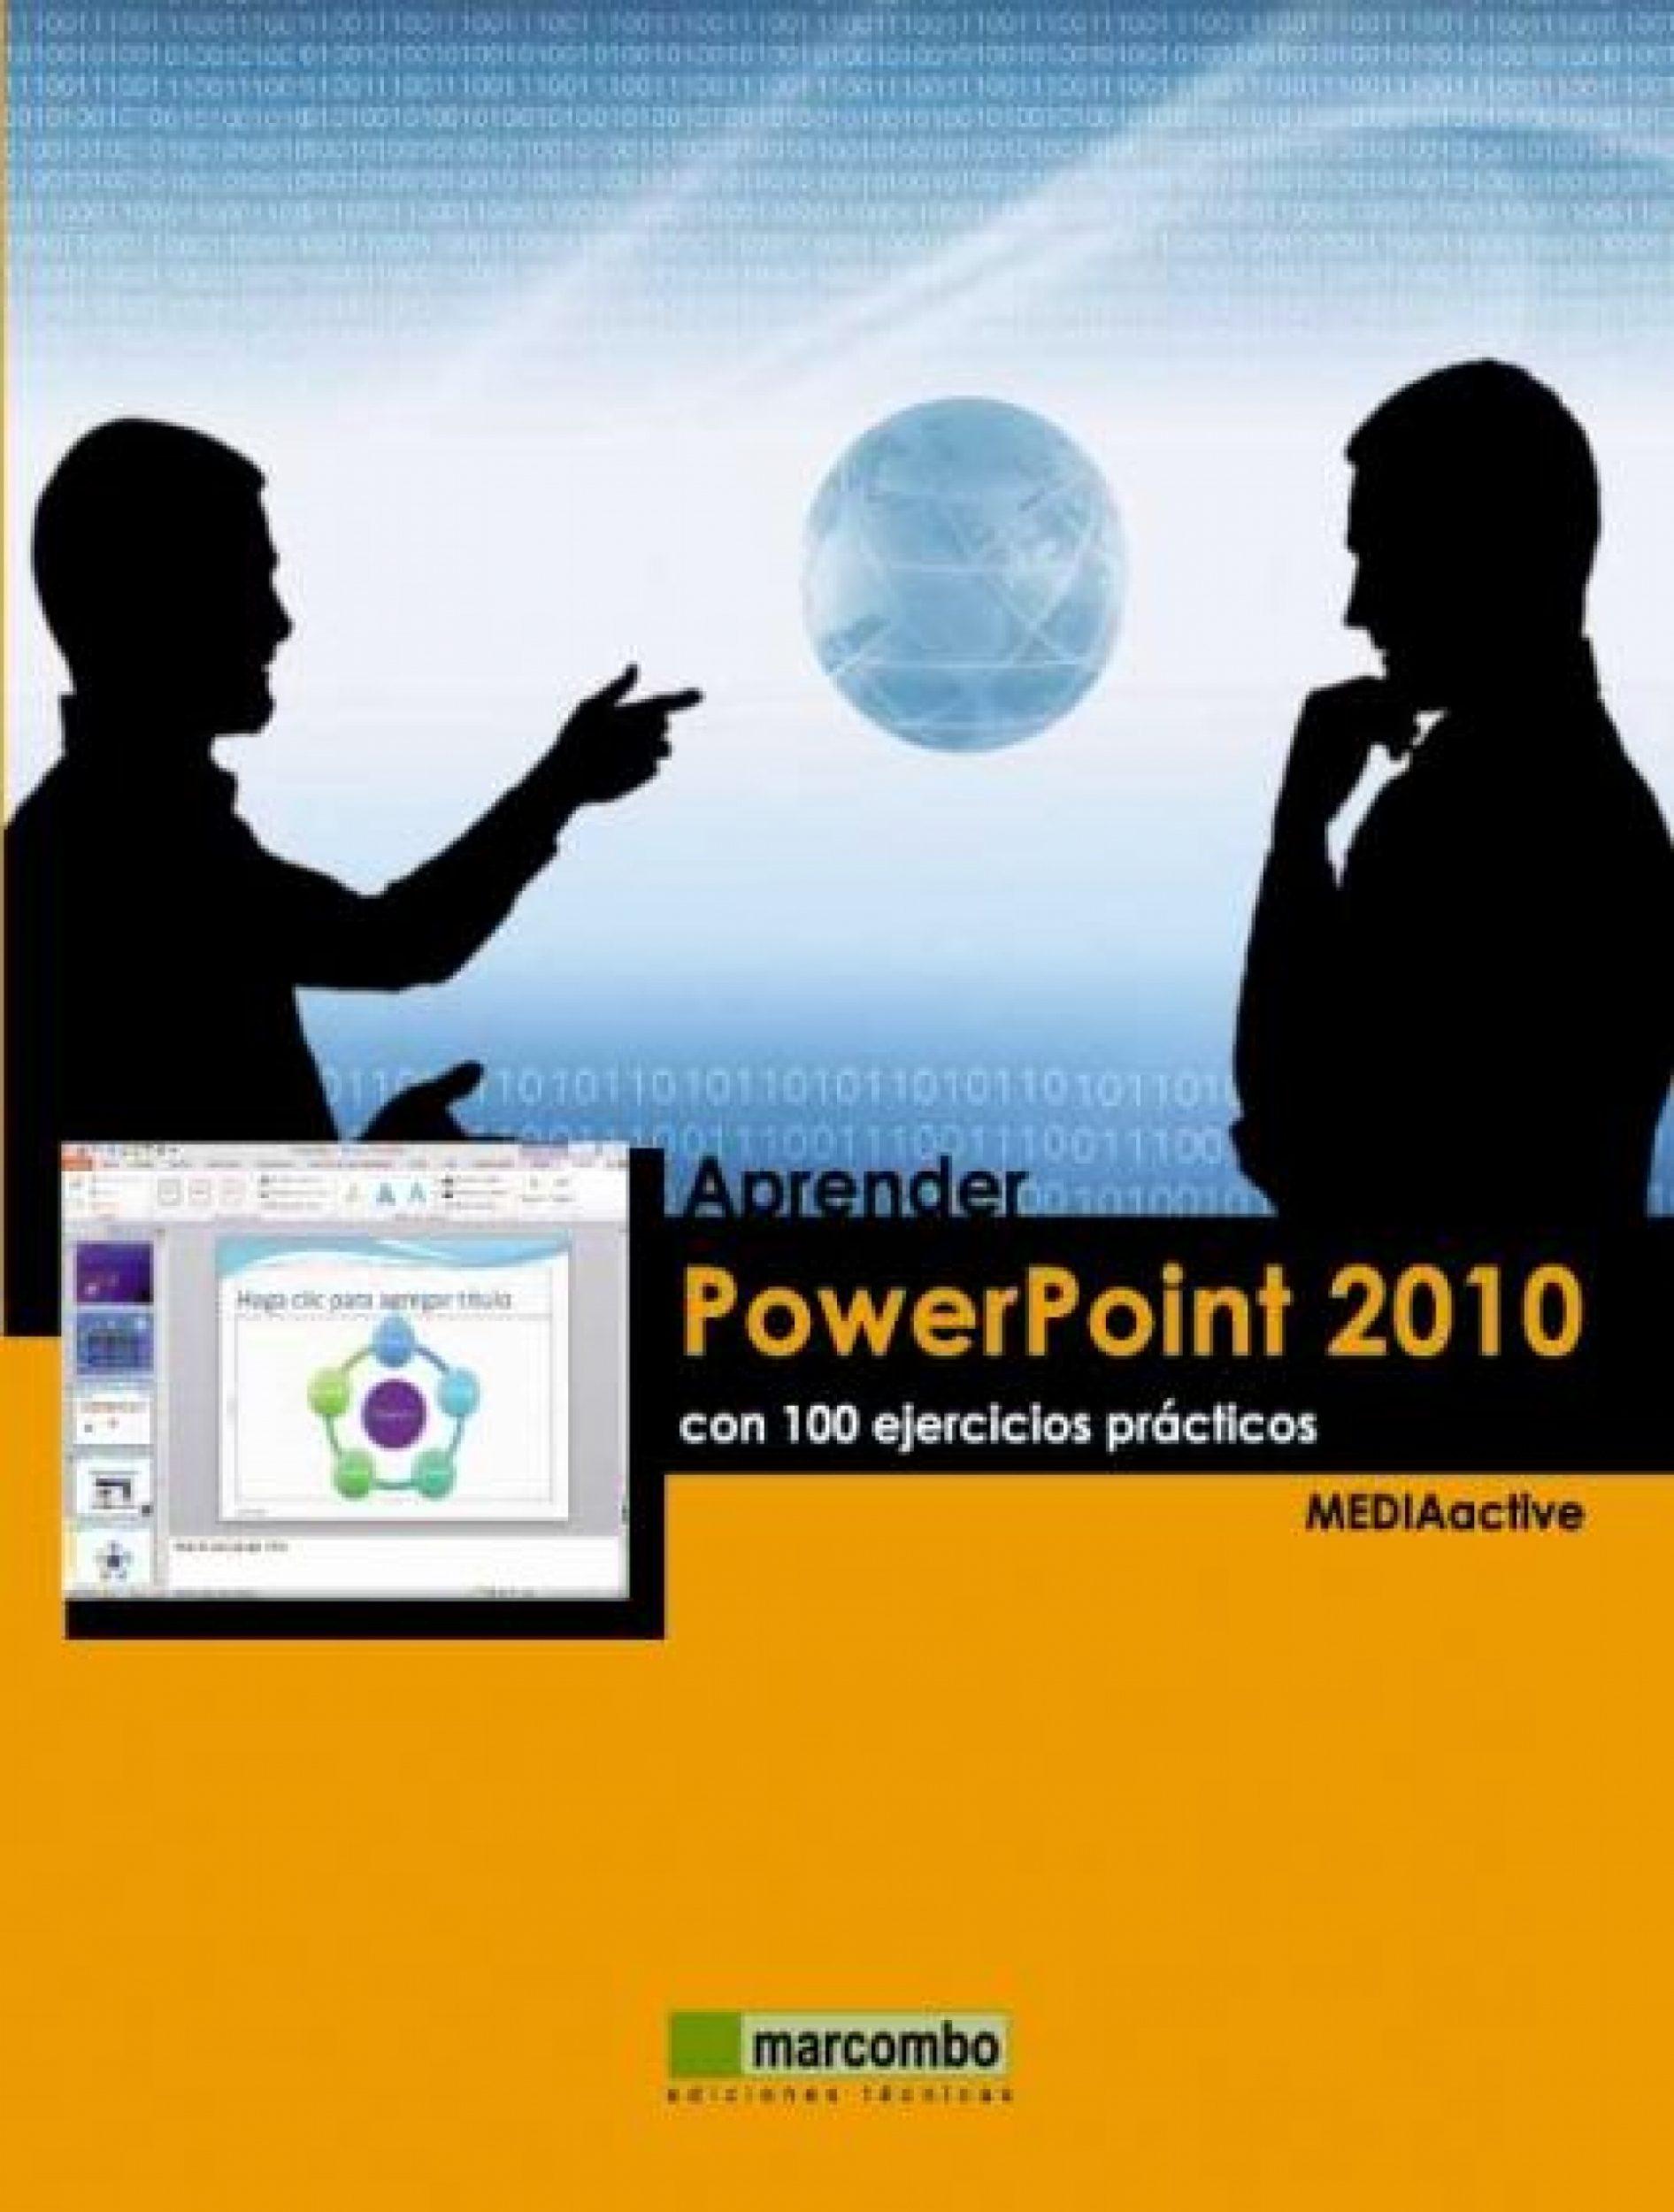 aprender powerpoint 2010 con 100 ejercicios prÁcticos ebook